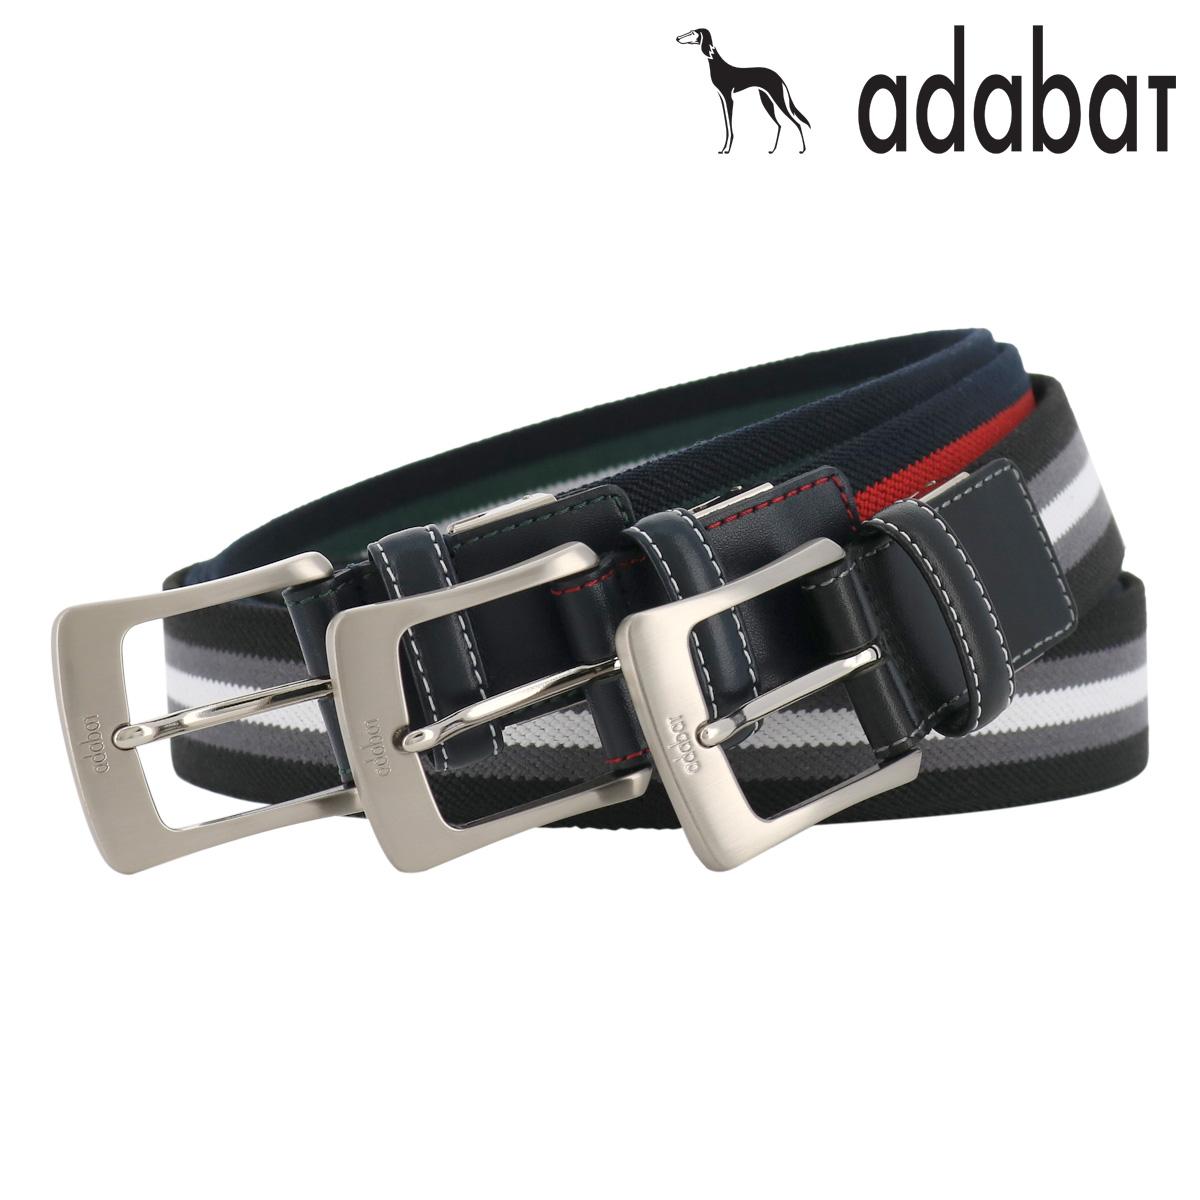 アダバット ベルト ピンタイプ メンズ 5050119 日本製 adabat | ビジネス カジュアル ブランド専用BOX付き 本革 レザー [PO5][bef][即日発送]